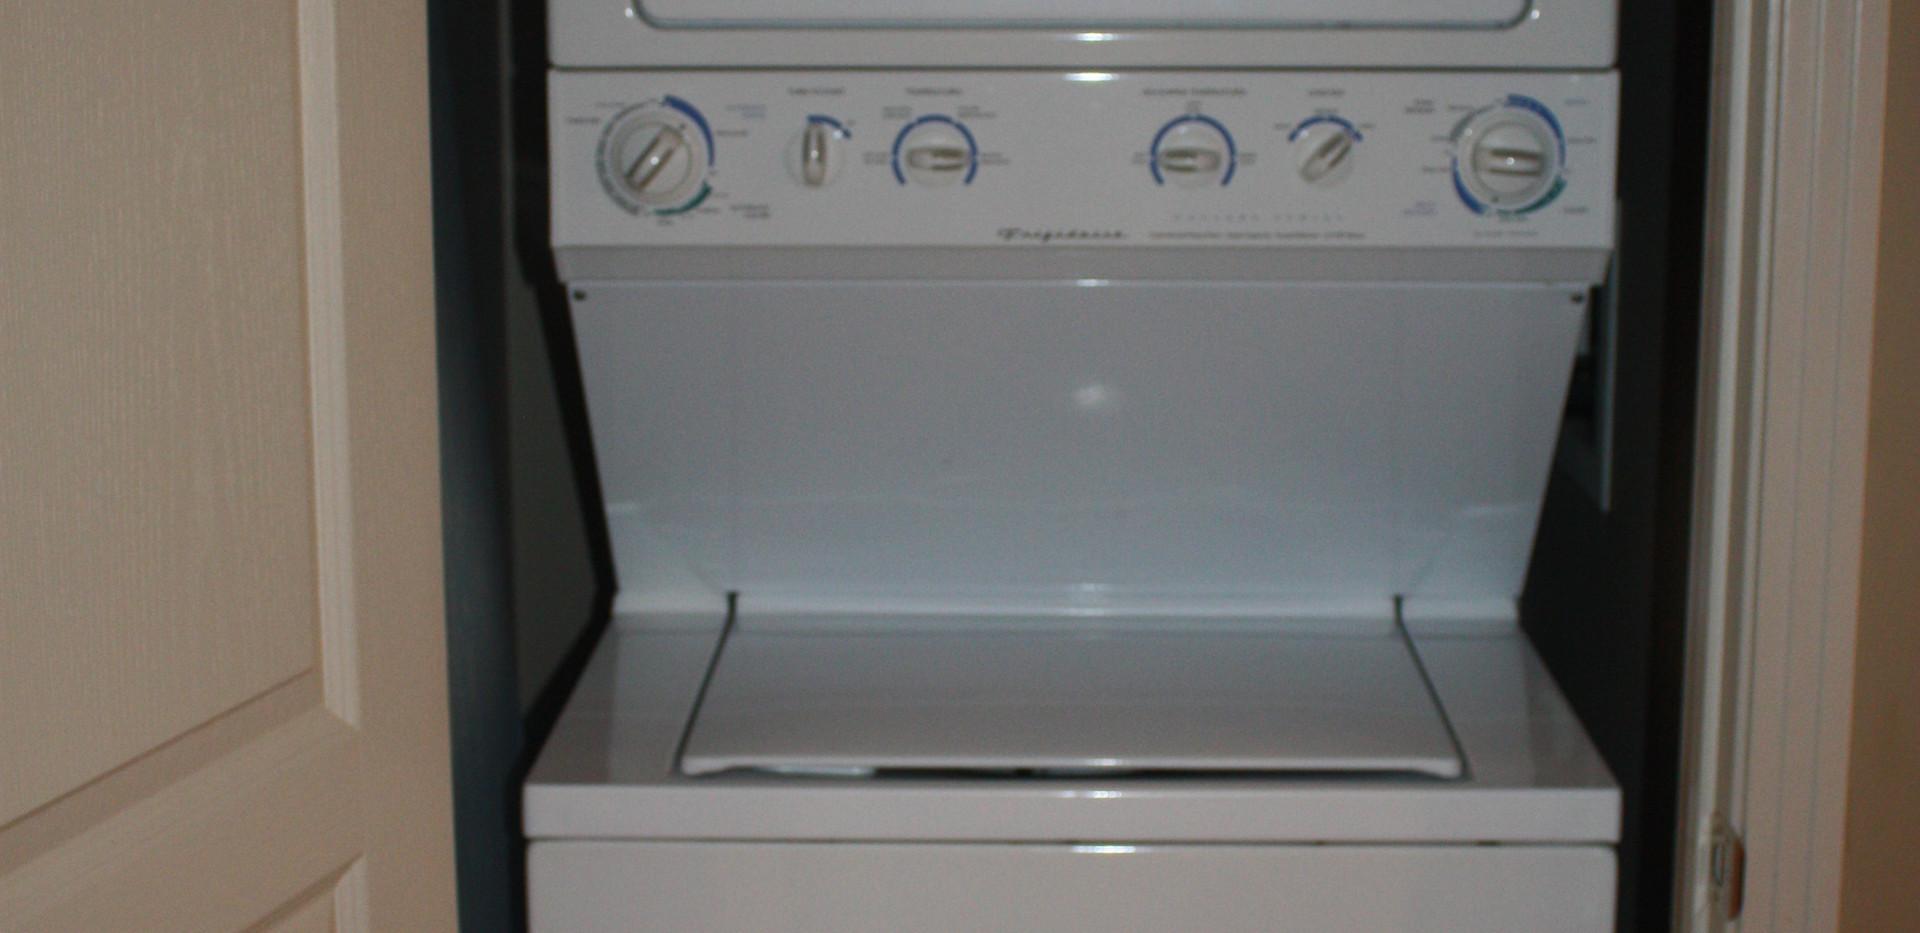 Terrace Court Insuite Laundry